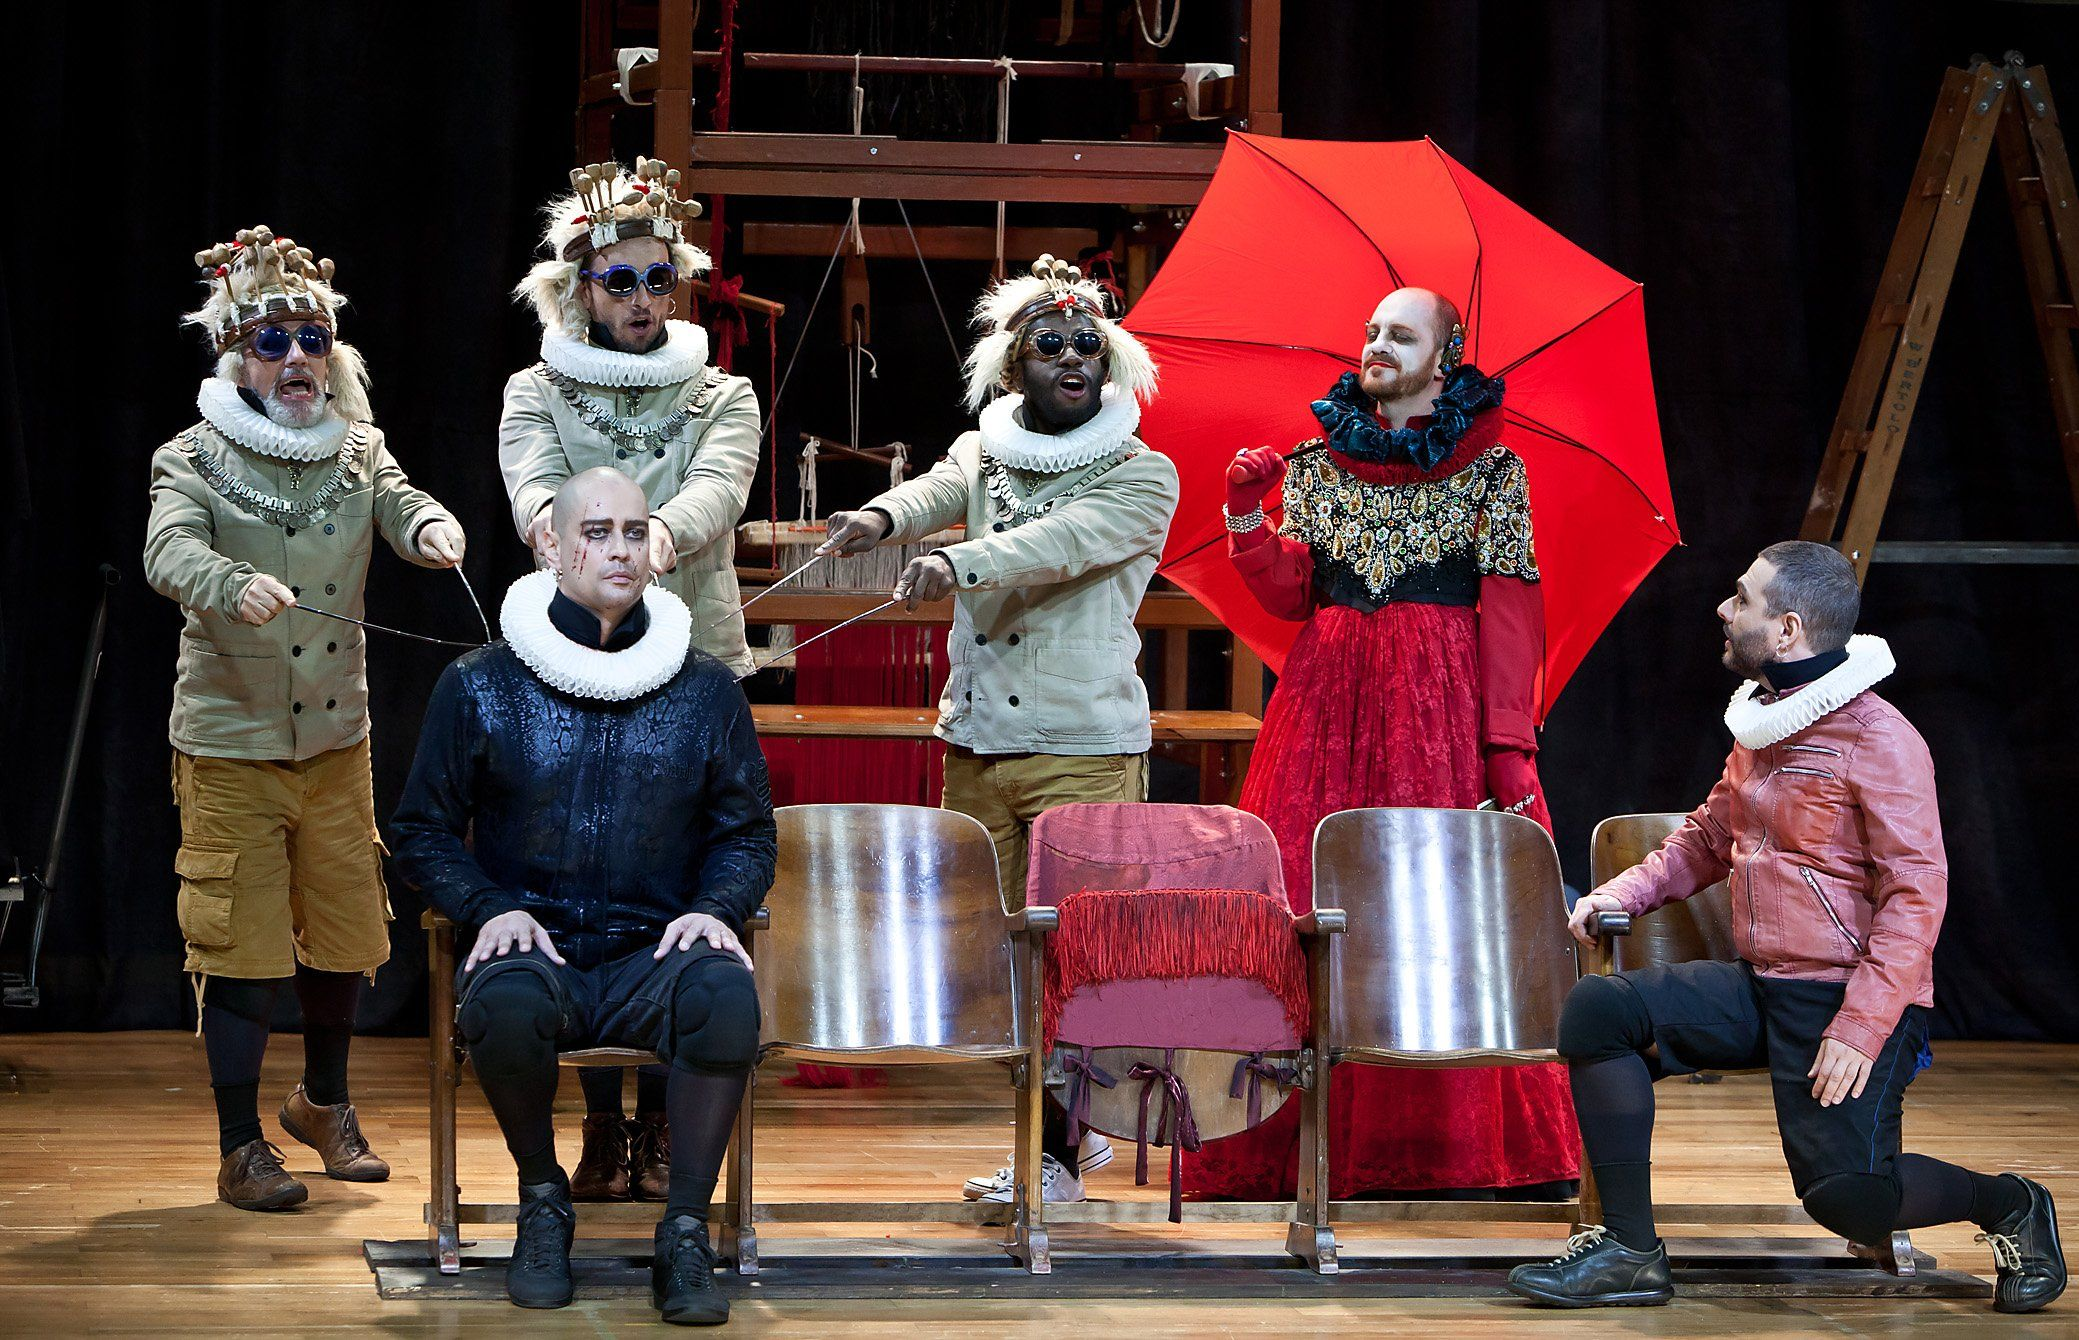 macbeth 2015 teatro - Pesquisa Google